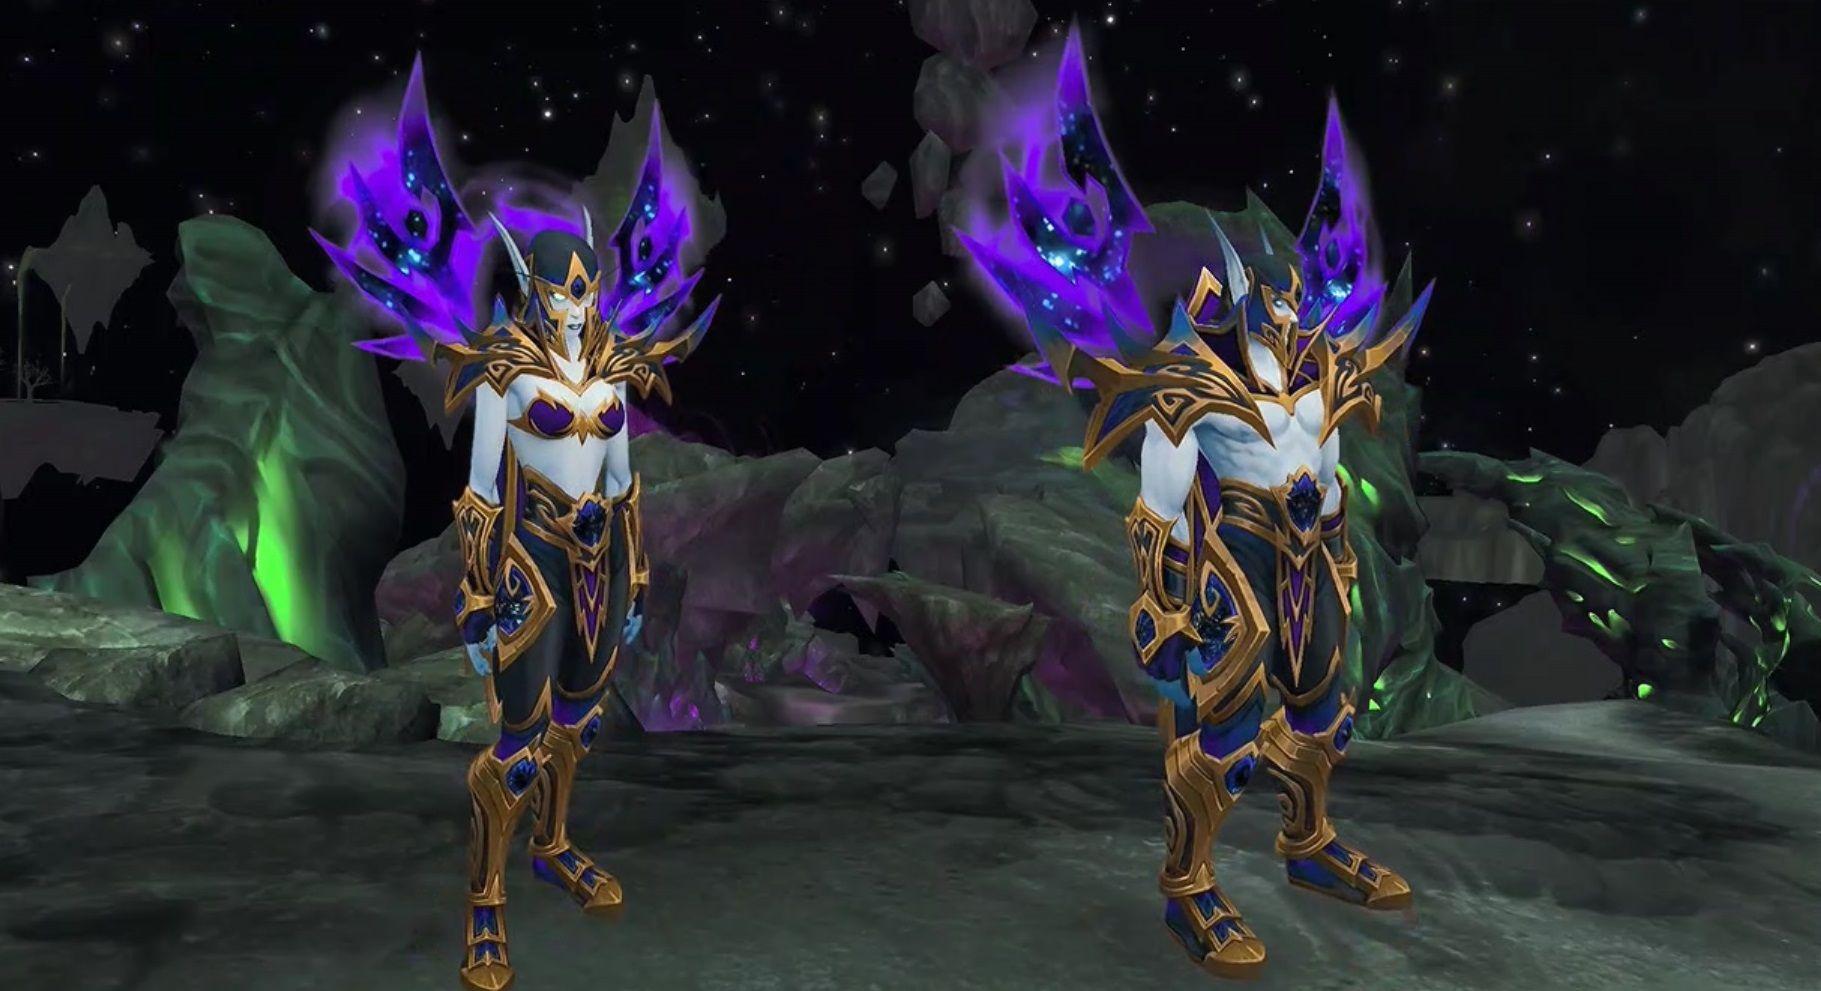 Wow Battle For Azeroth Bringt 6 Neue Spielbare Volker World Of Warcraft Bekommt 3 Neue Volker Pro Fraktion Wir Verraten E World Of Warcraft Elf Rassen